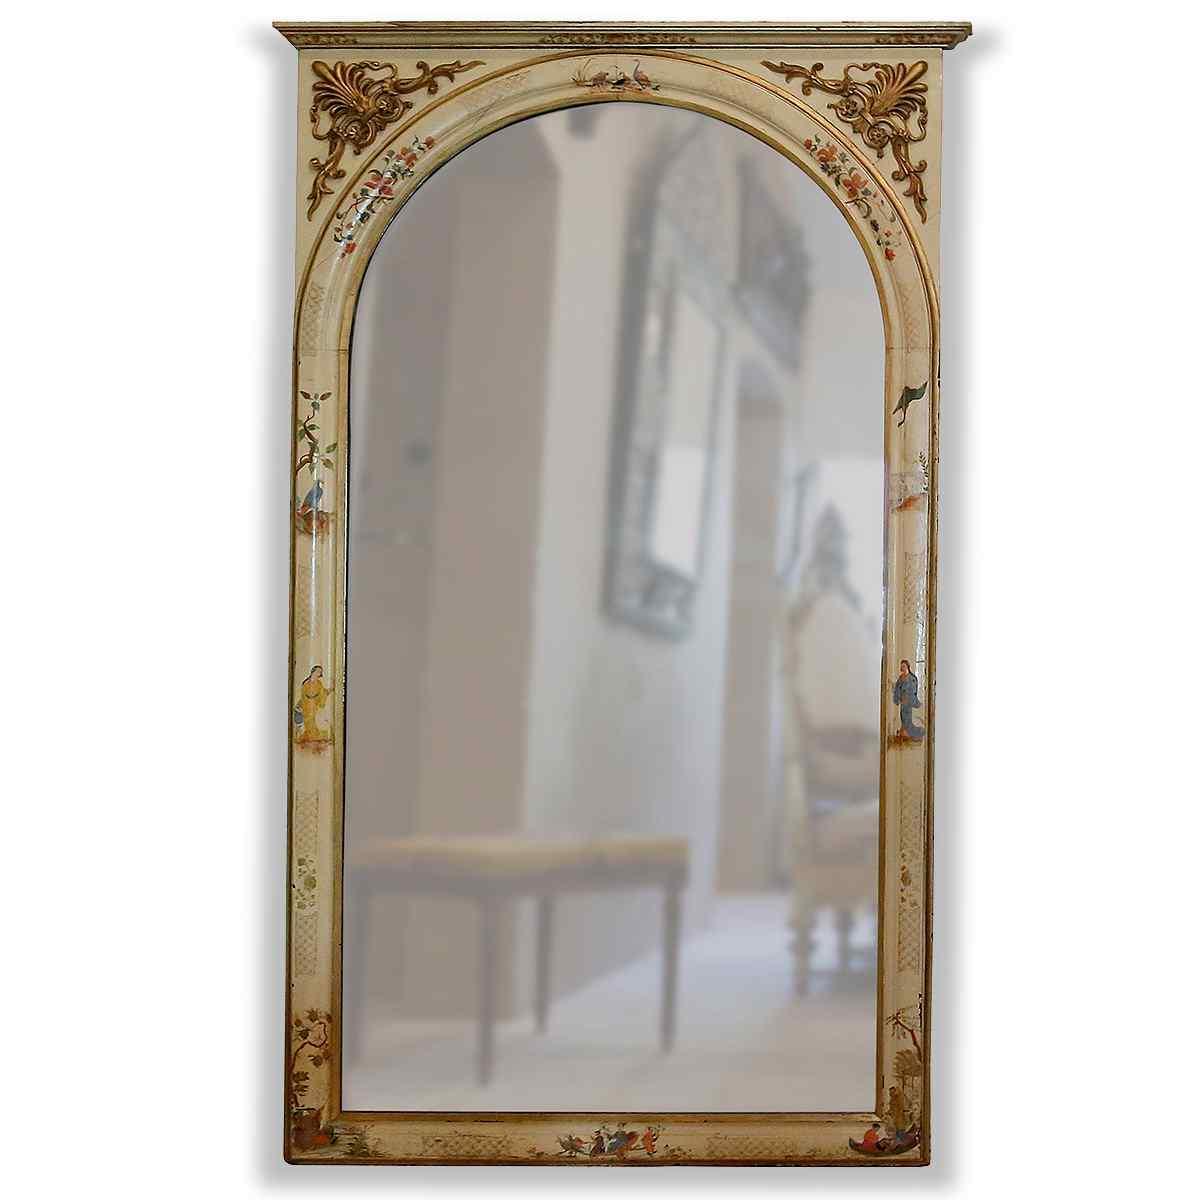 Specchiera antica con decori giapponesi